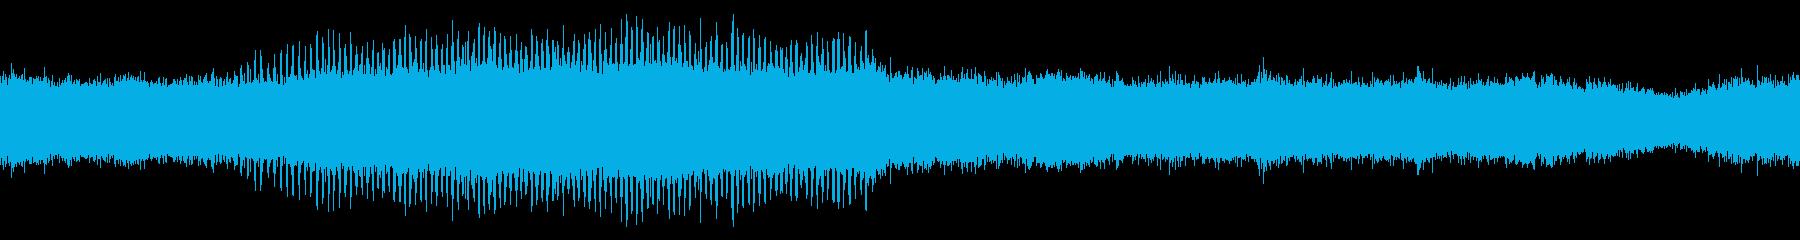 環境音蝉の鳴き声ミンミン1分ループ処理の再生済みの波形